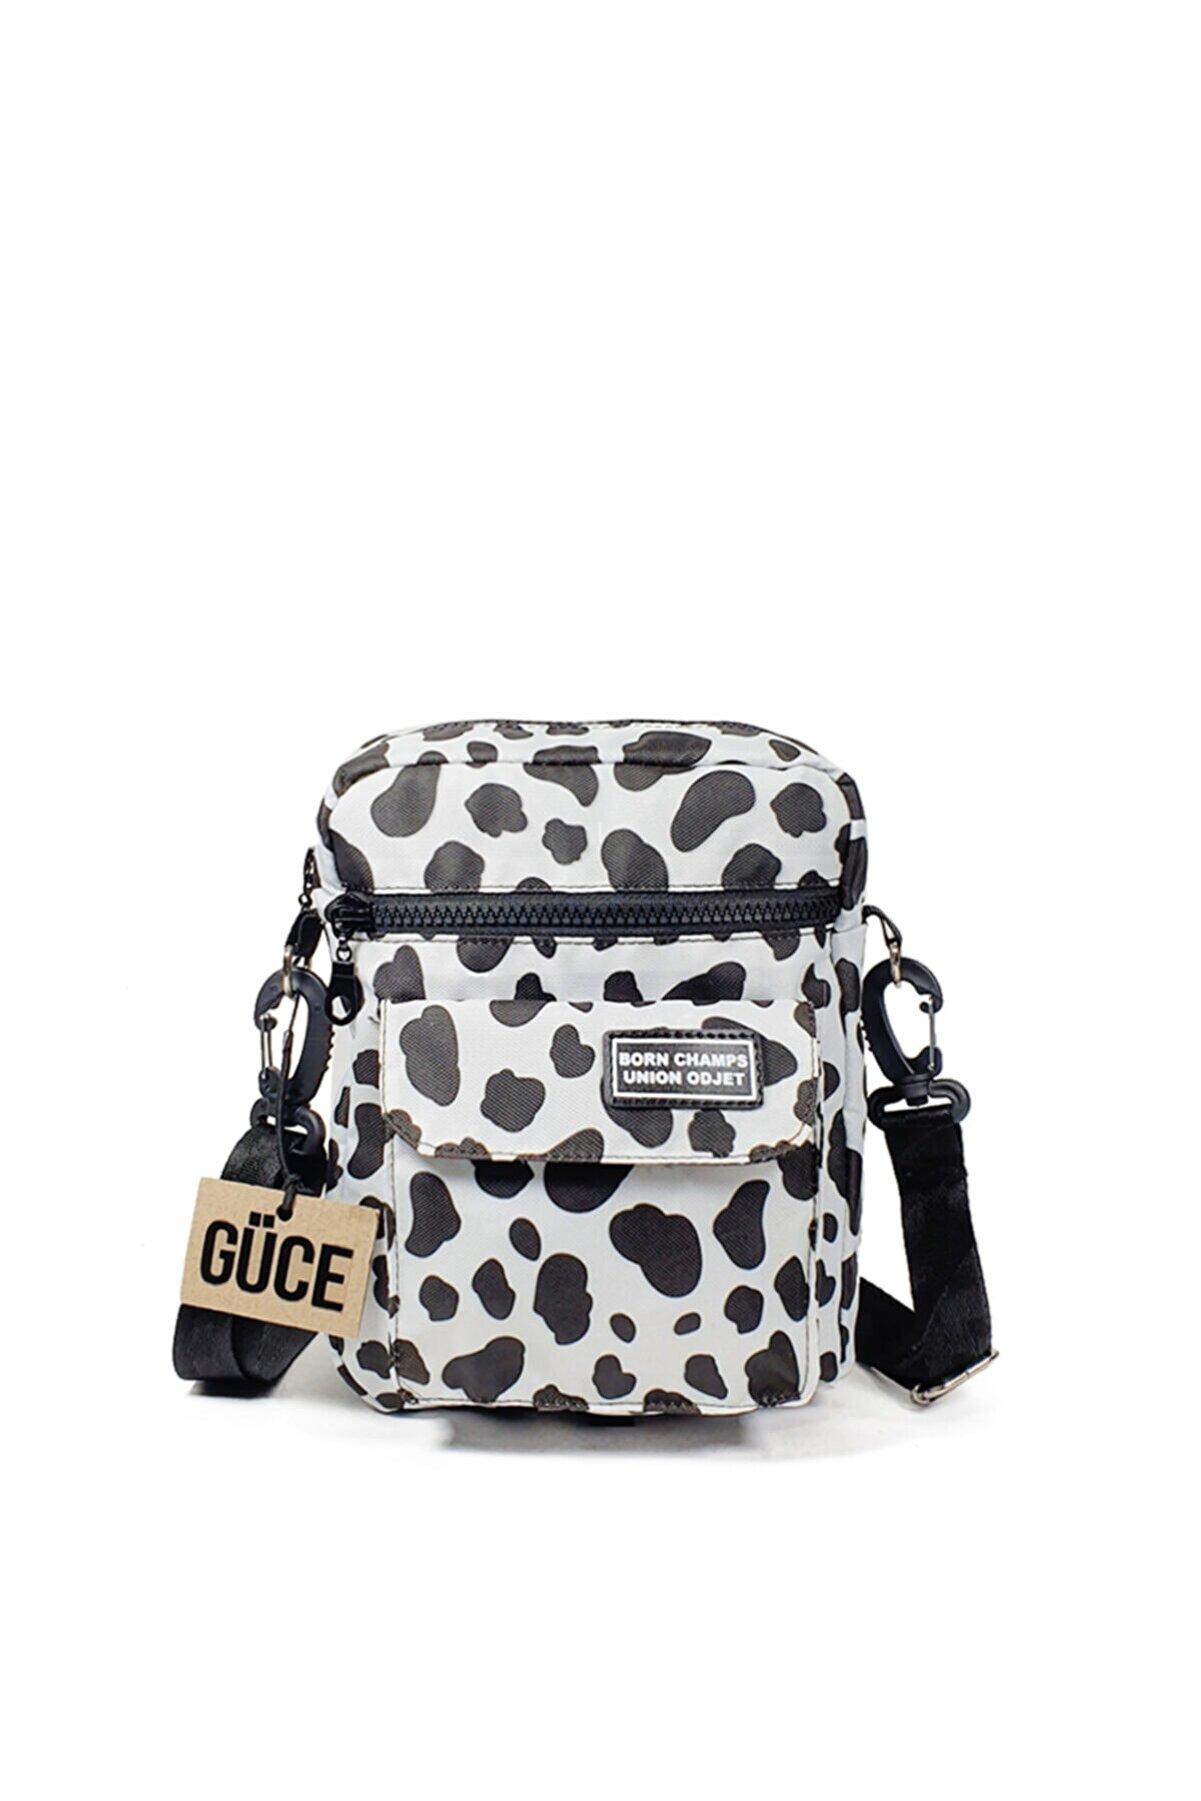 Güce Siyah Beyaz Inekli Desenli Born Champs Yazılı Çok Gözlü Cross Bag Omuz Çantası Gc0140inek